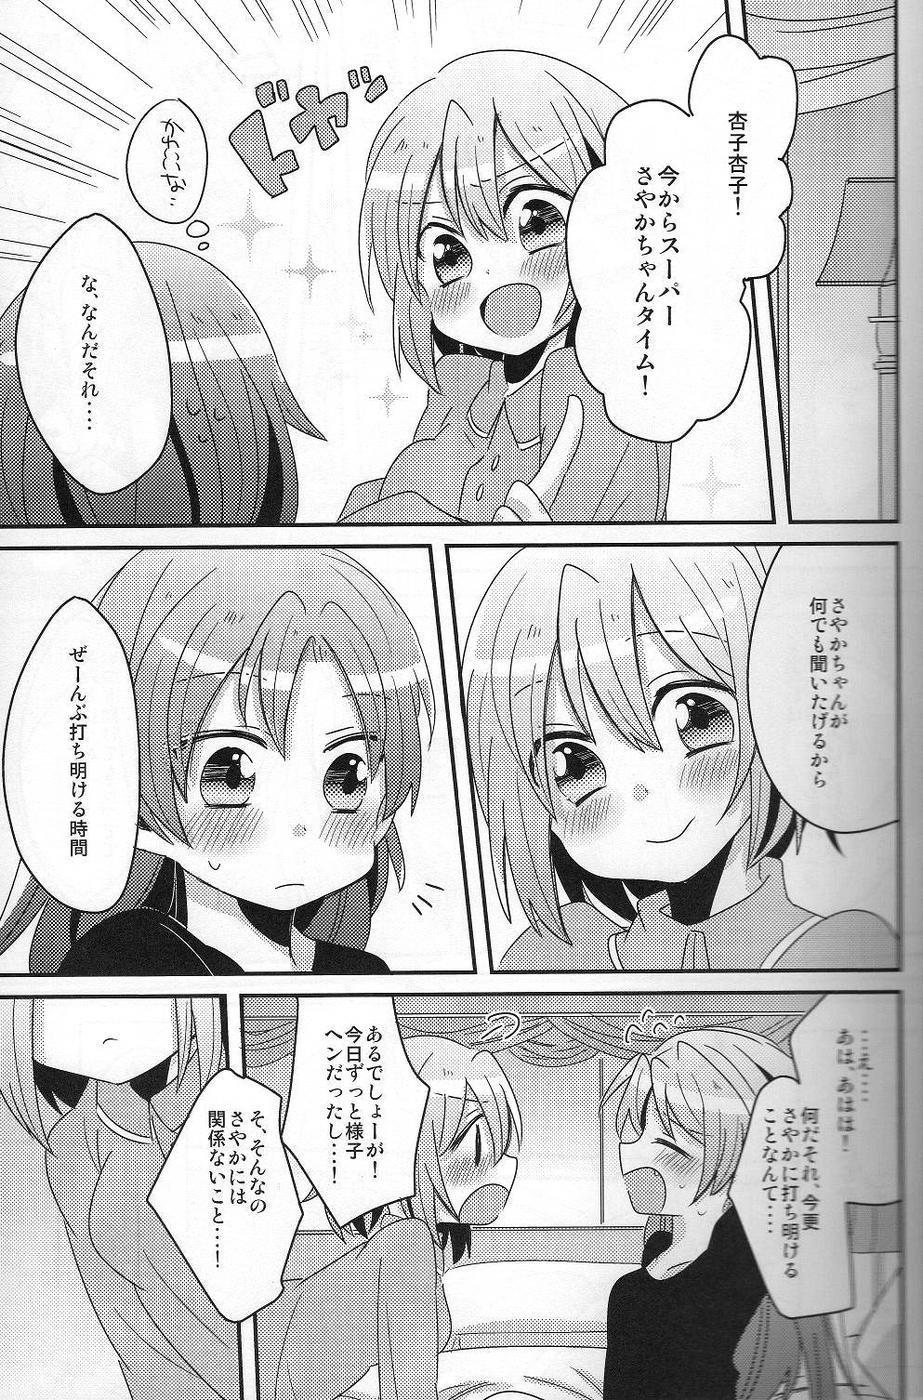 Hajimete no Koto 9